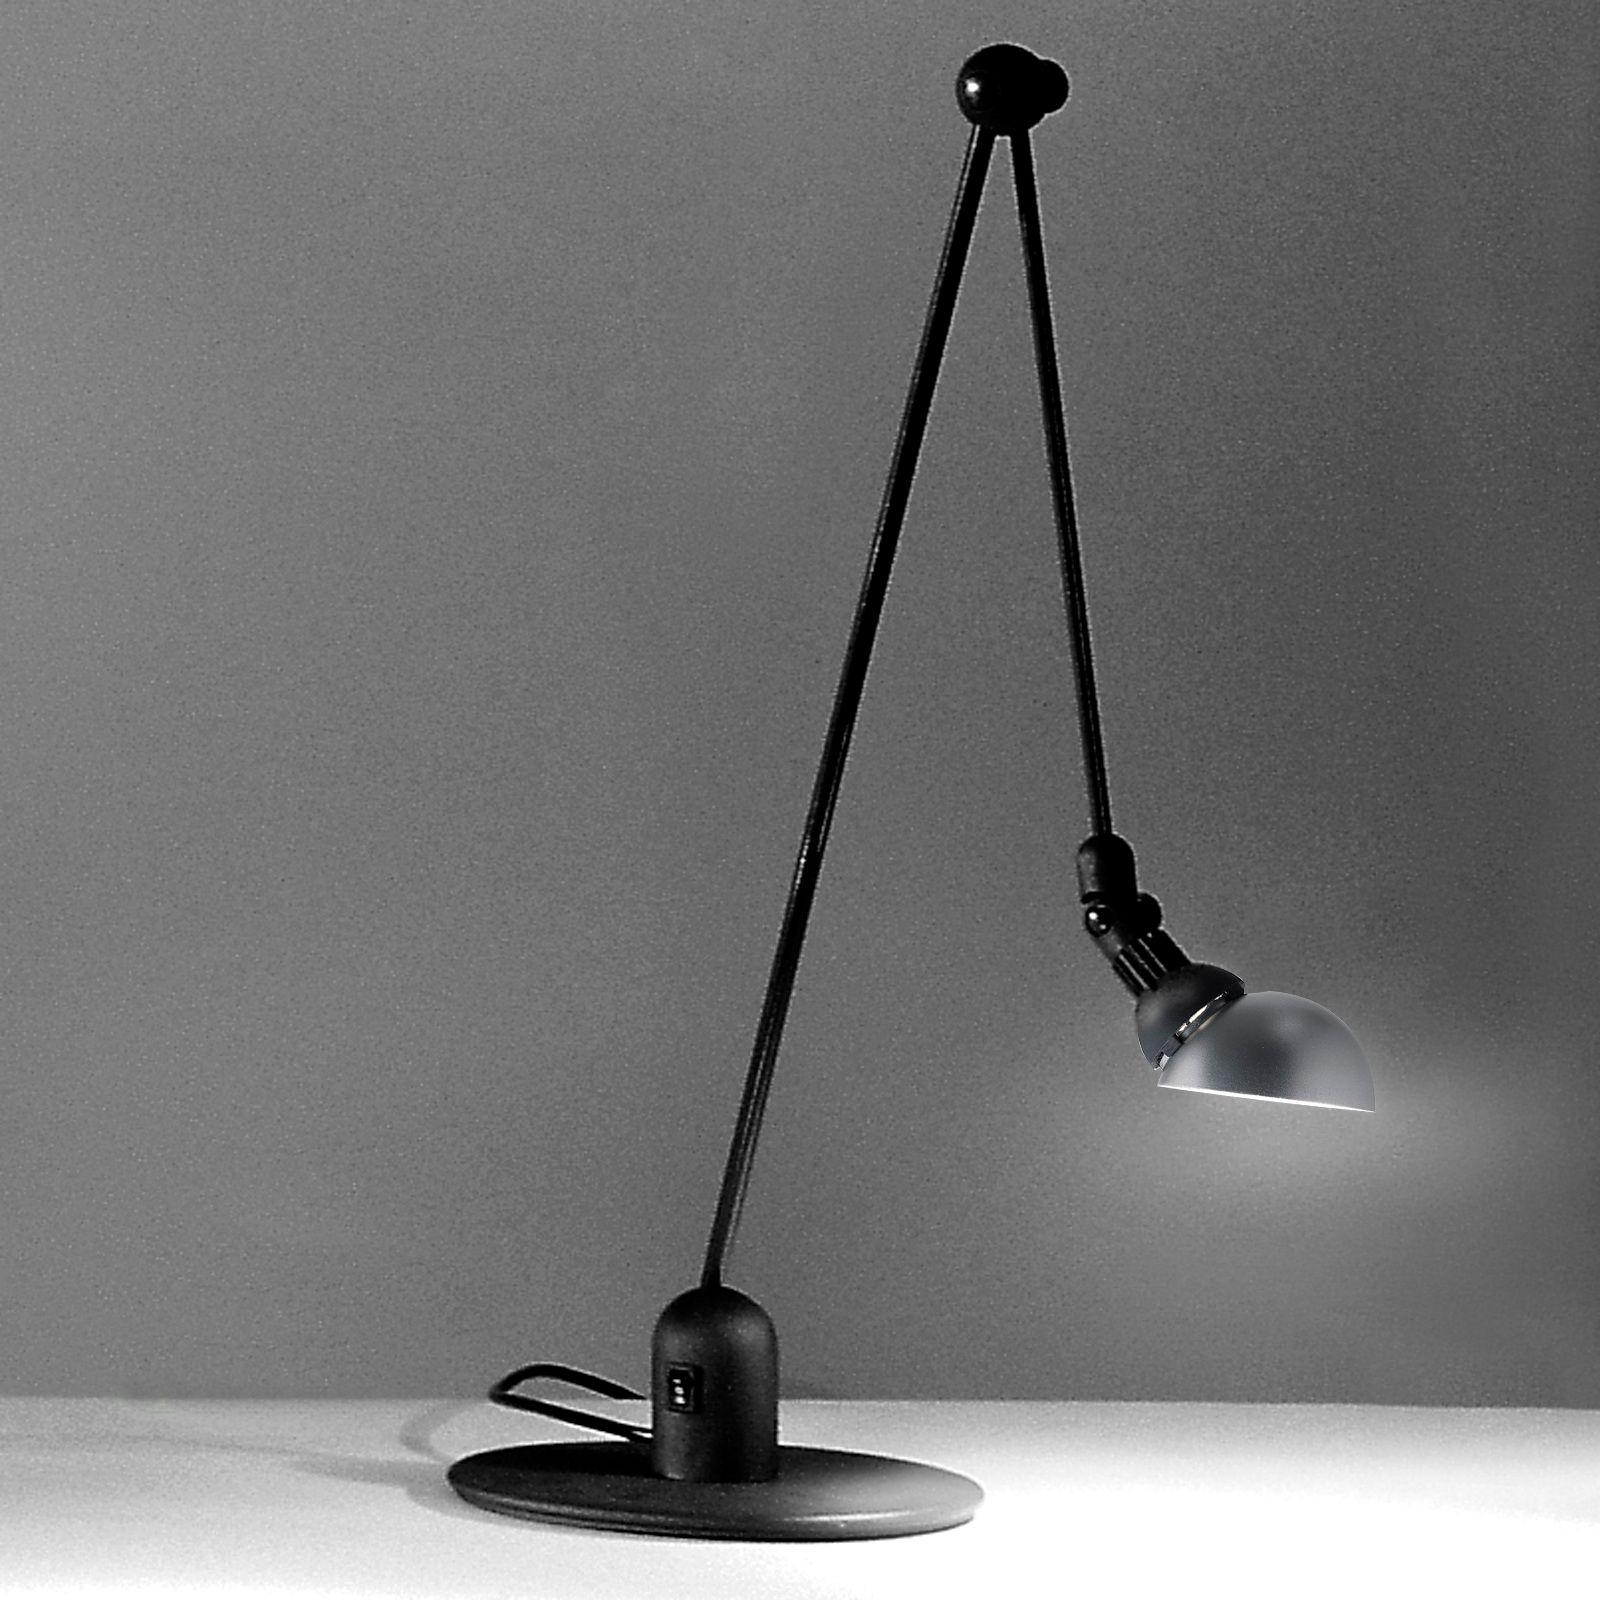 Купить настольную лампу для рабочего стола на струбцине в